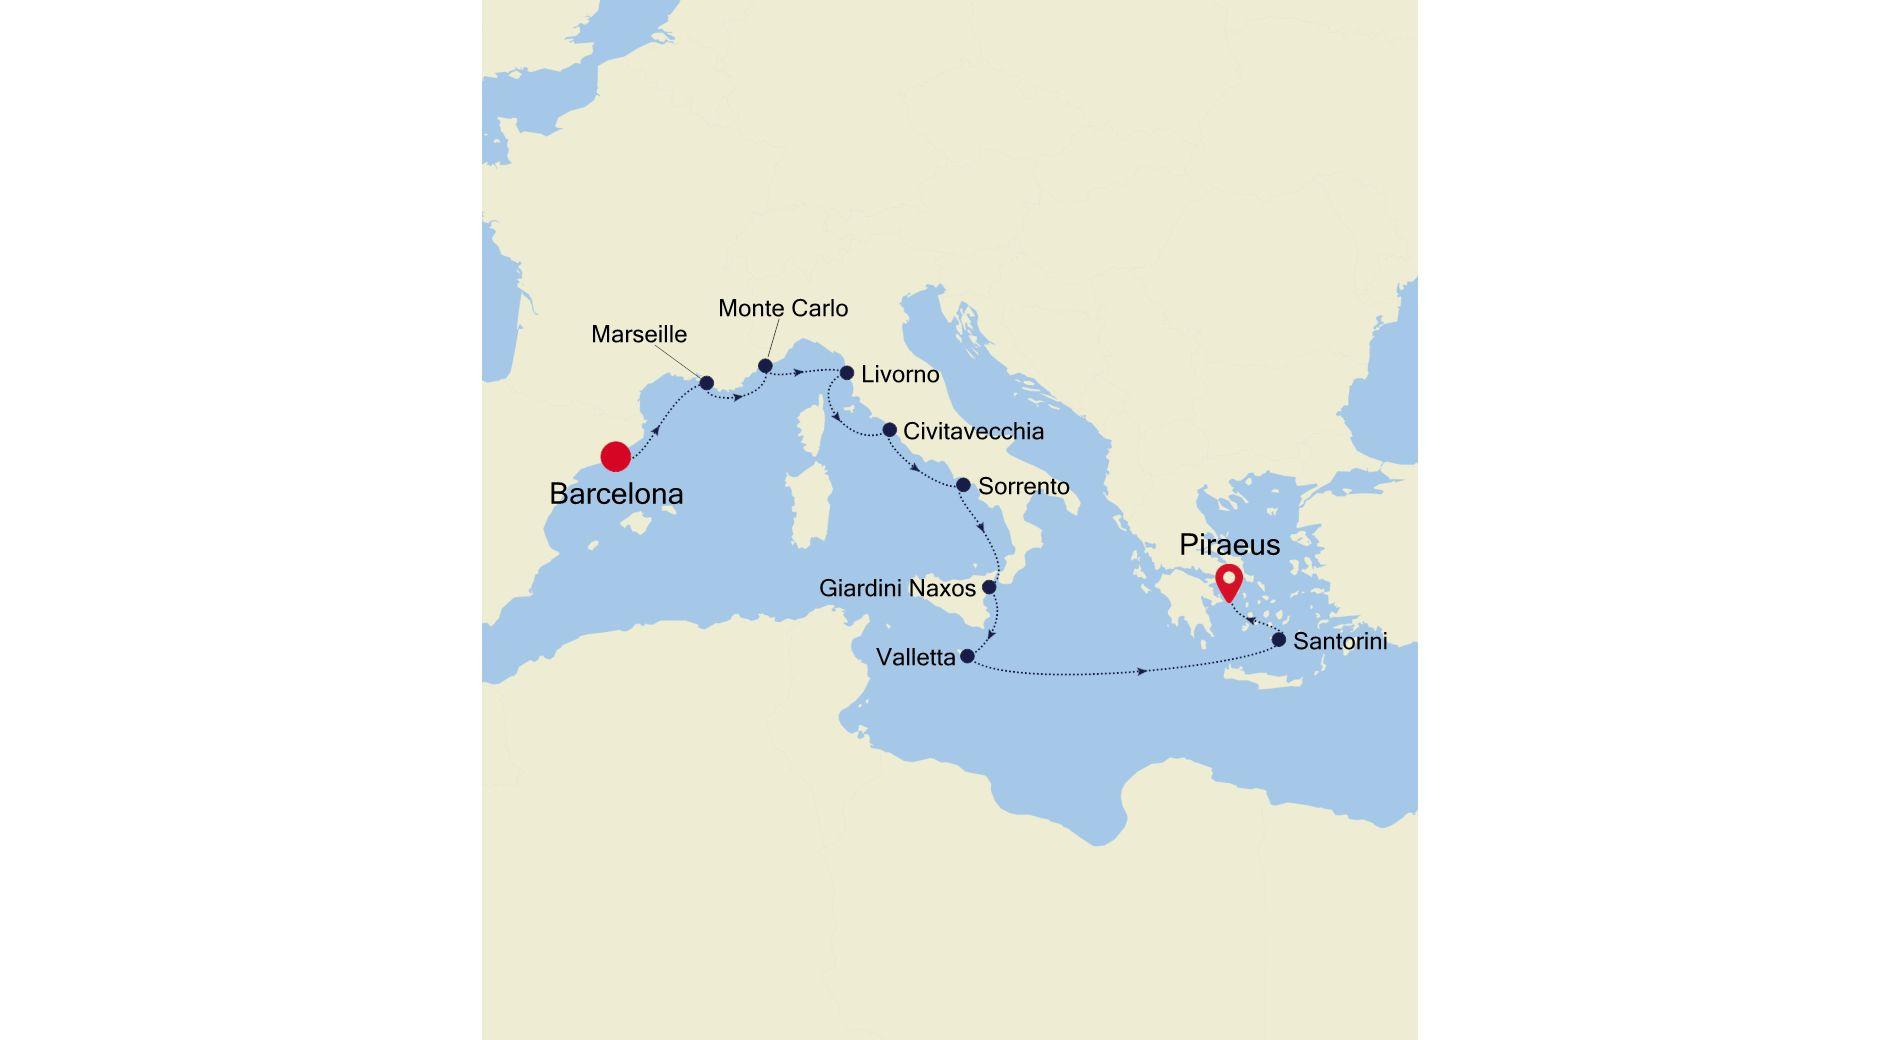 MO200912011 - Barcelona a Piraeus